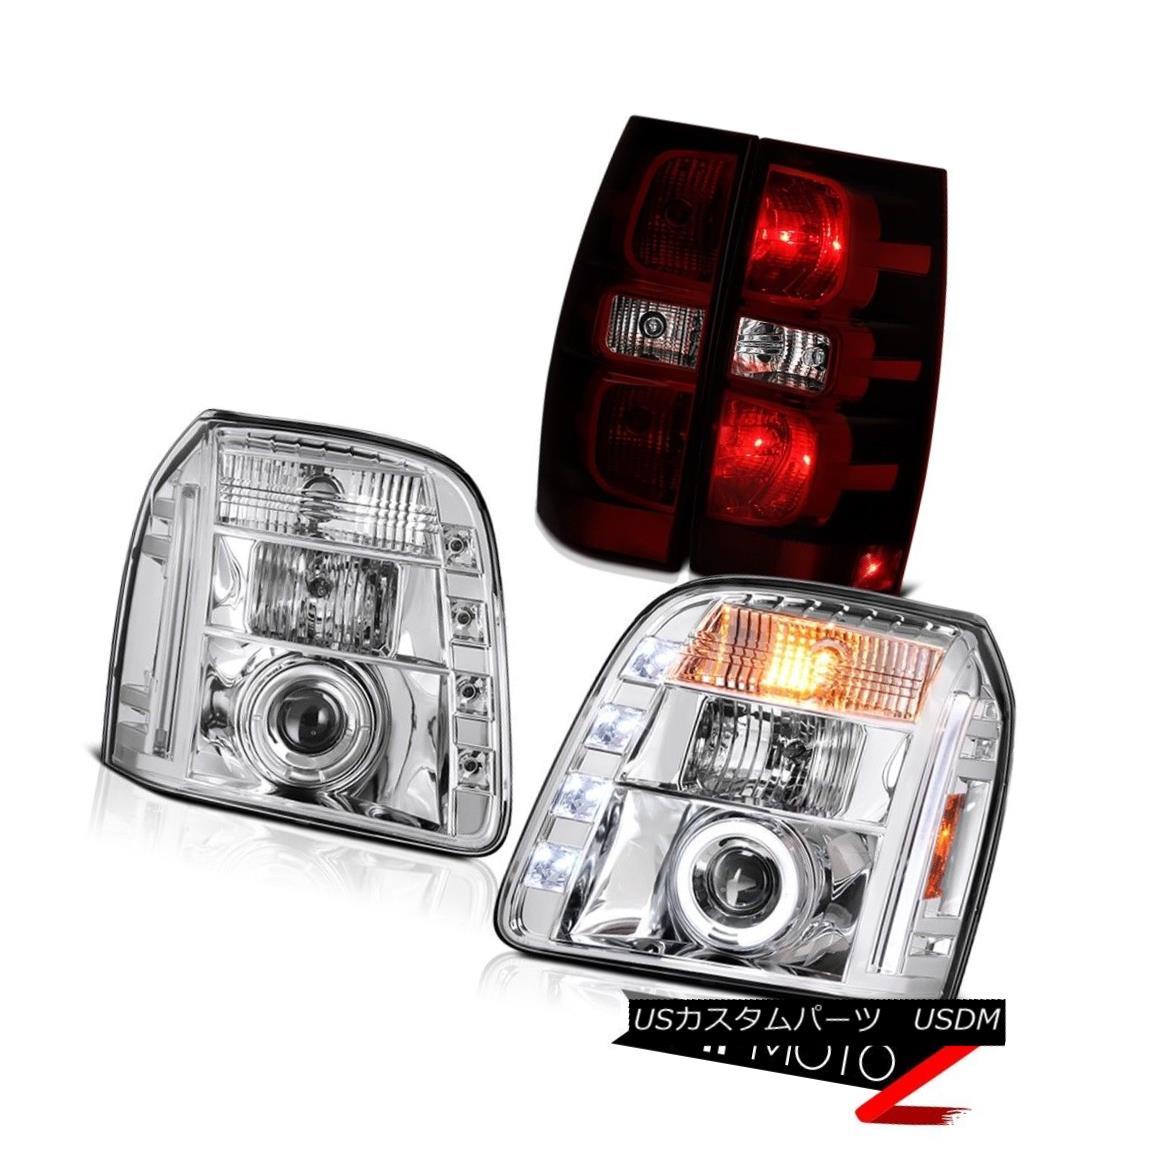 ヘッドライト 07-14 GMC Yukon SLT Taillamps Crystal Clear Headlamps LED Angel Eyes Halo Rim 07-14 GMC Yukon SLT TaillampsクリスタルクリアヘッドランプLEDエンジェルアイズハローリム